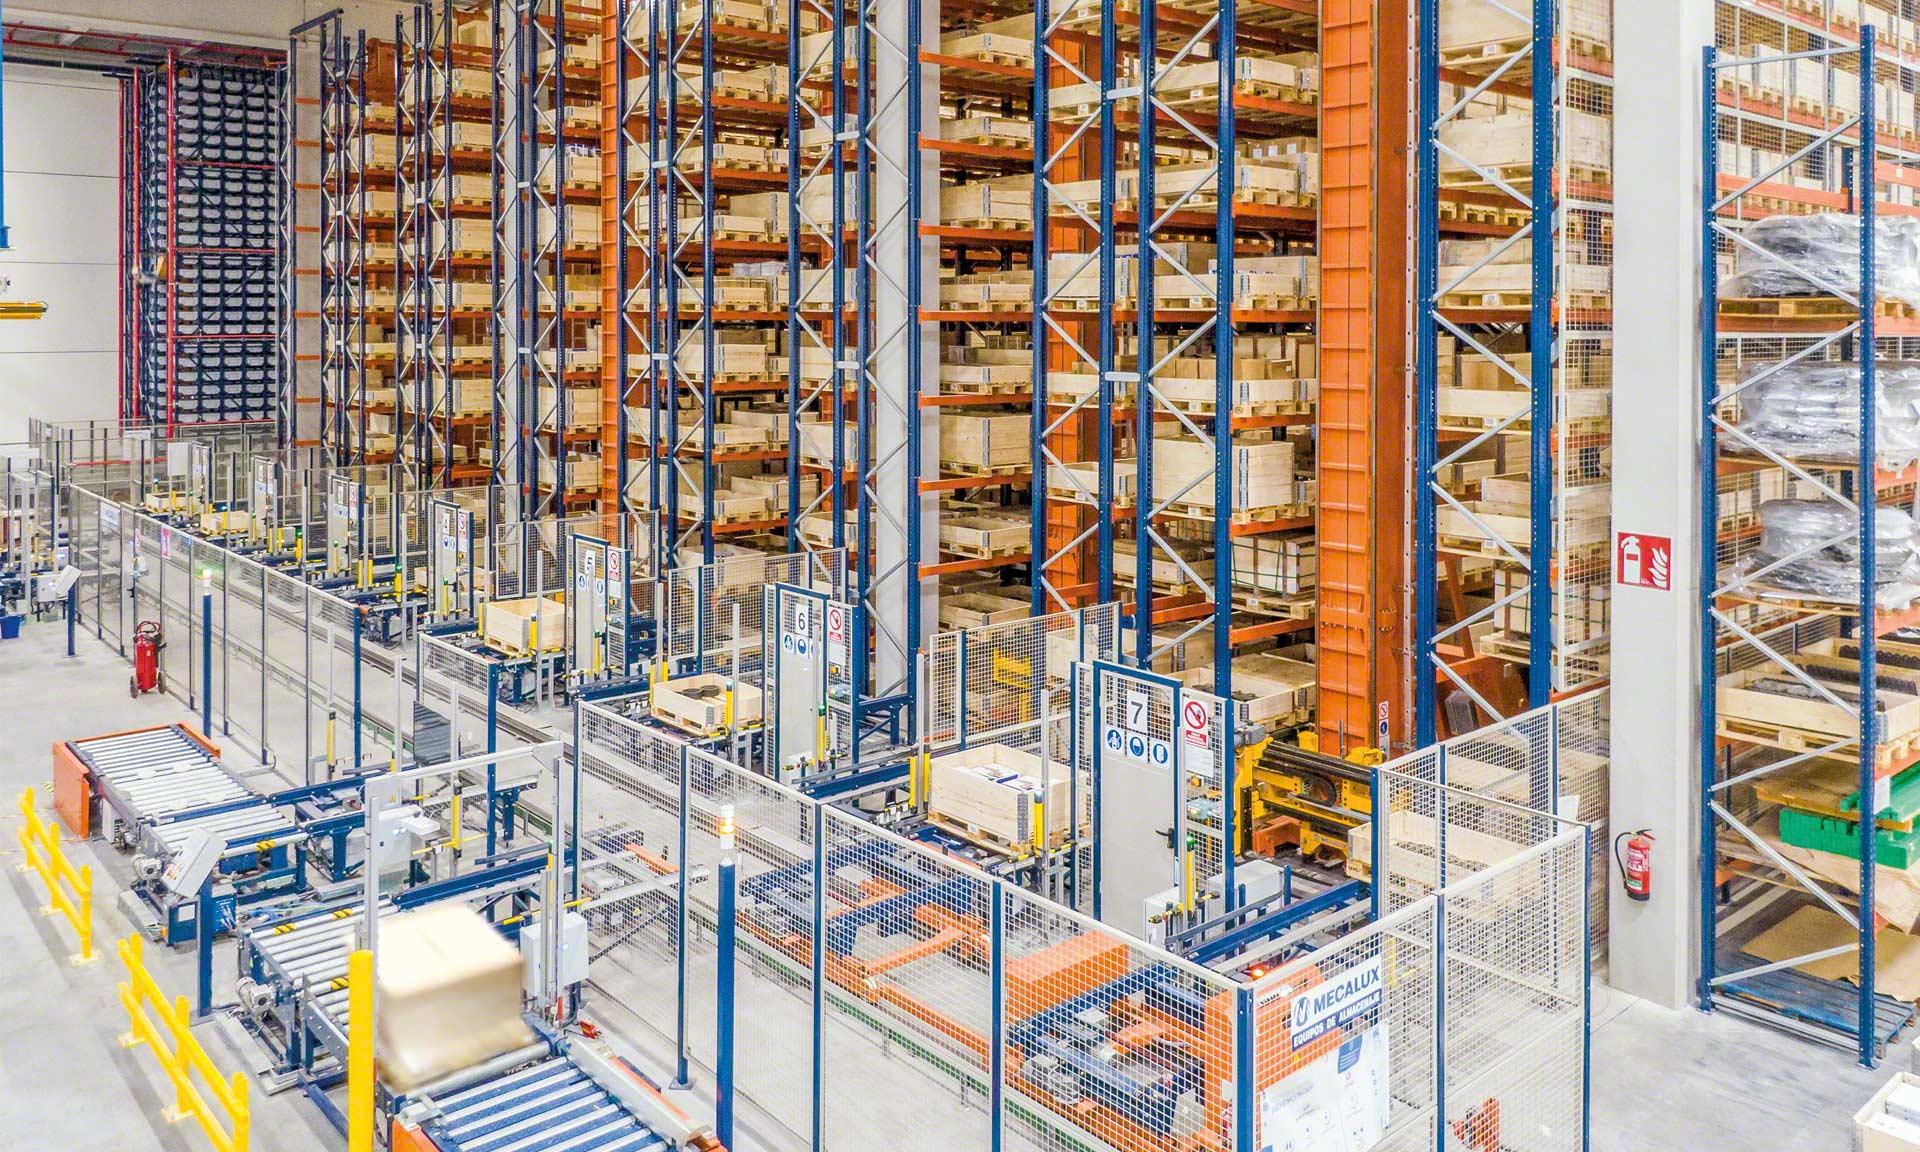 Industrias Yuk: centralización logística, cinco almacenes en uno con miles de referencias